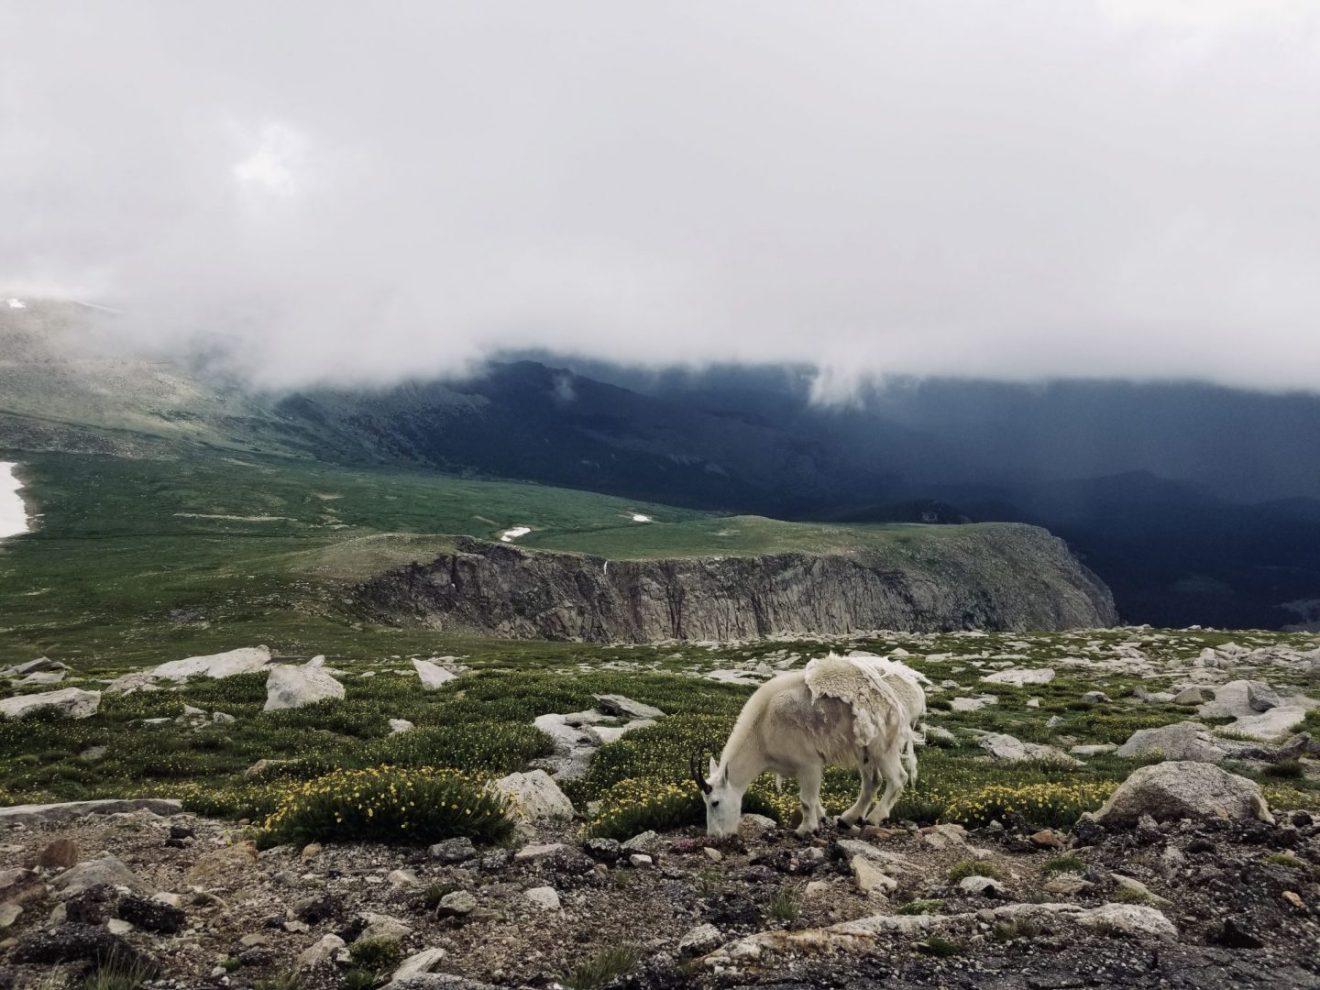 Mountain Goat on Mount Evans